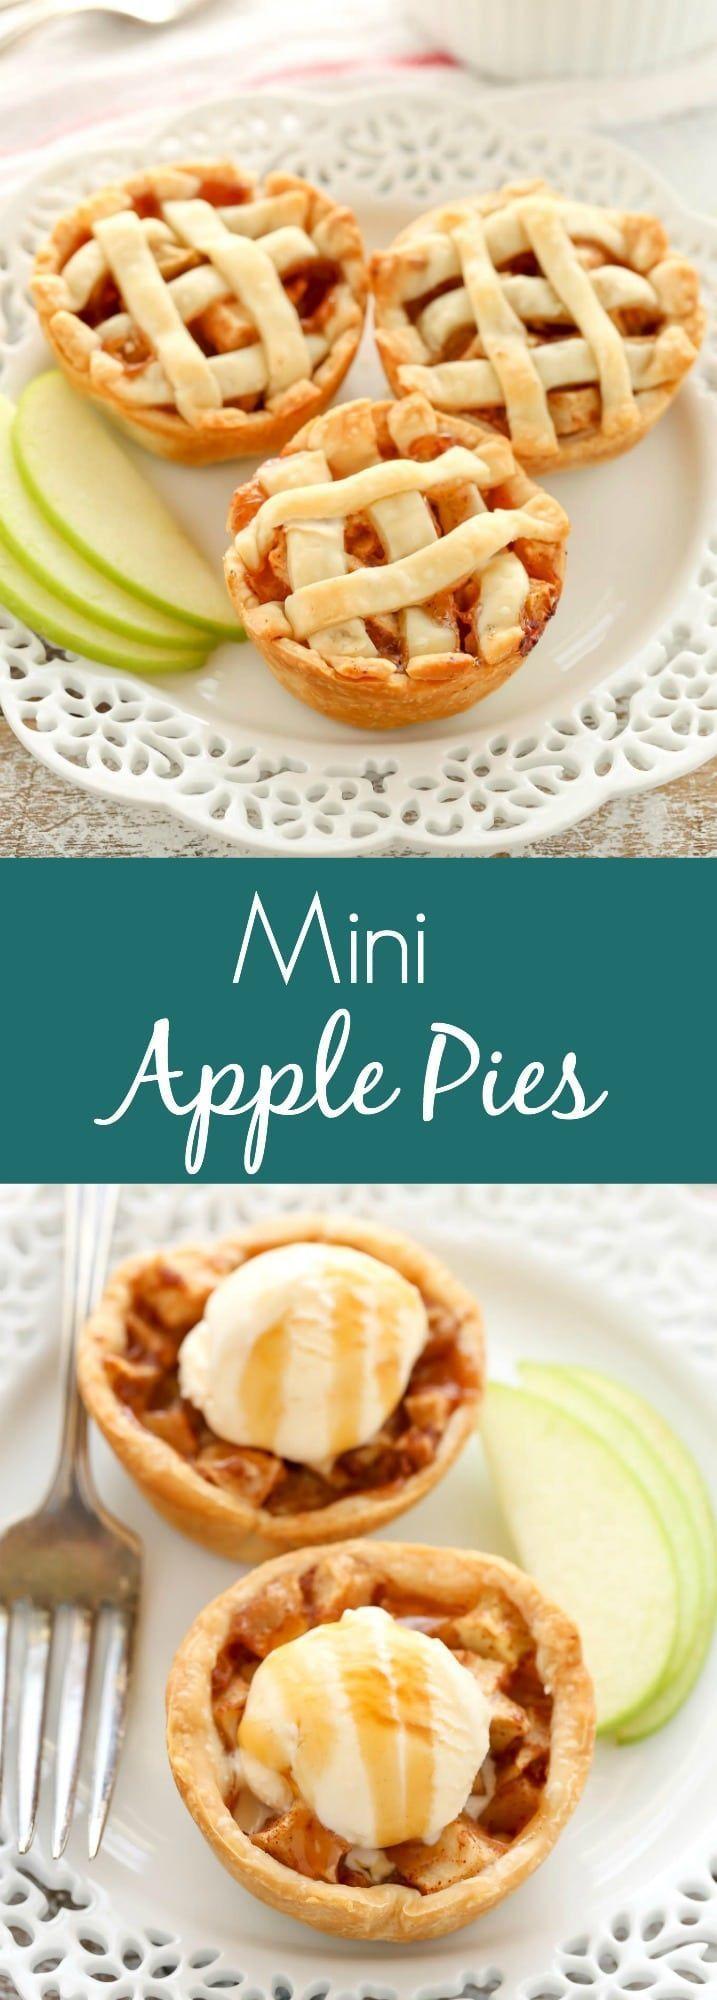 Diese Mini-Apfelkuchen sind einfach zuzubereiten und werden mit einem einfachen hausgemachten #applepierecipe